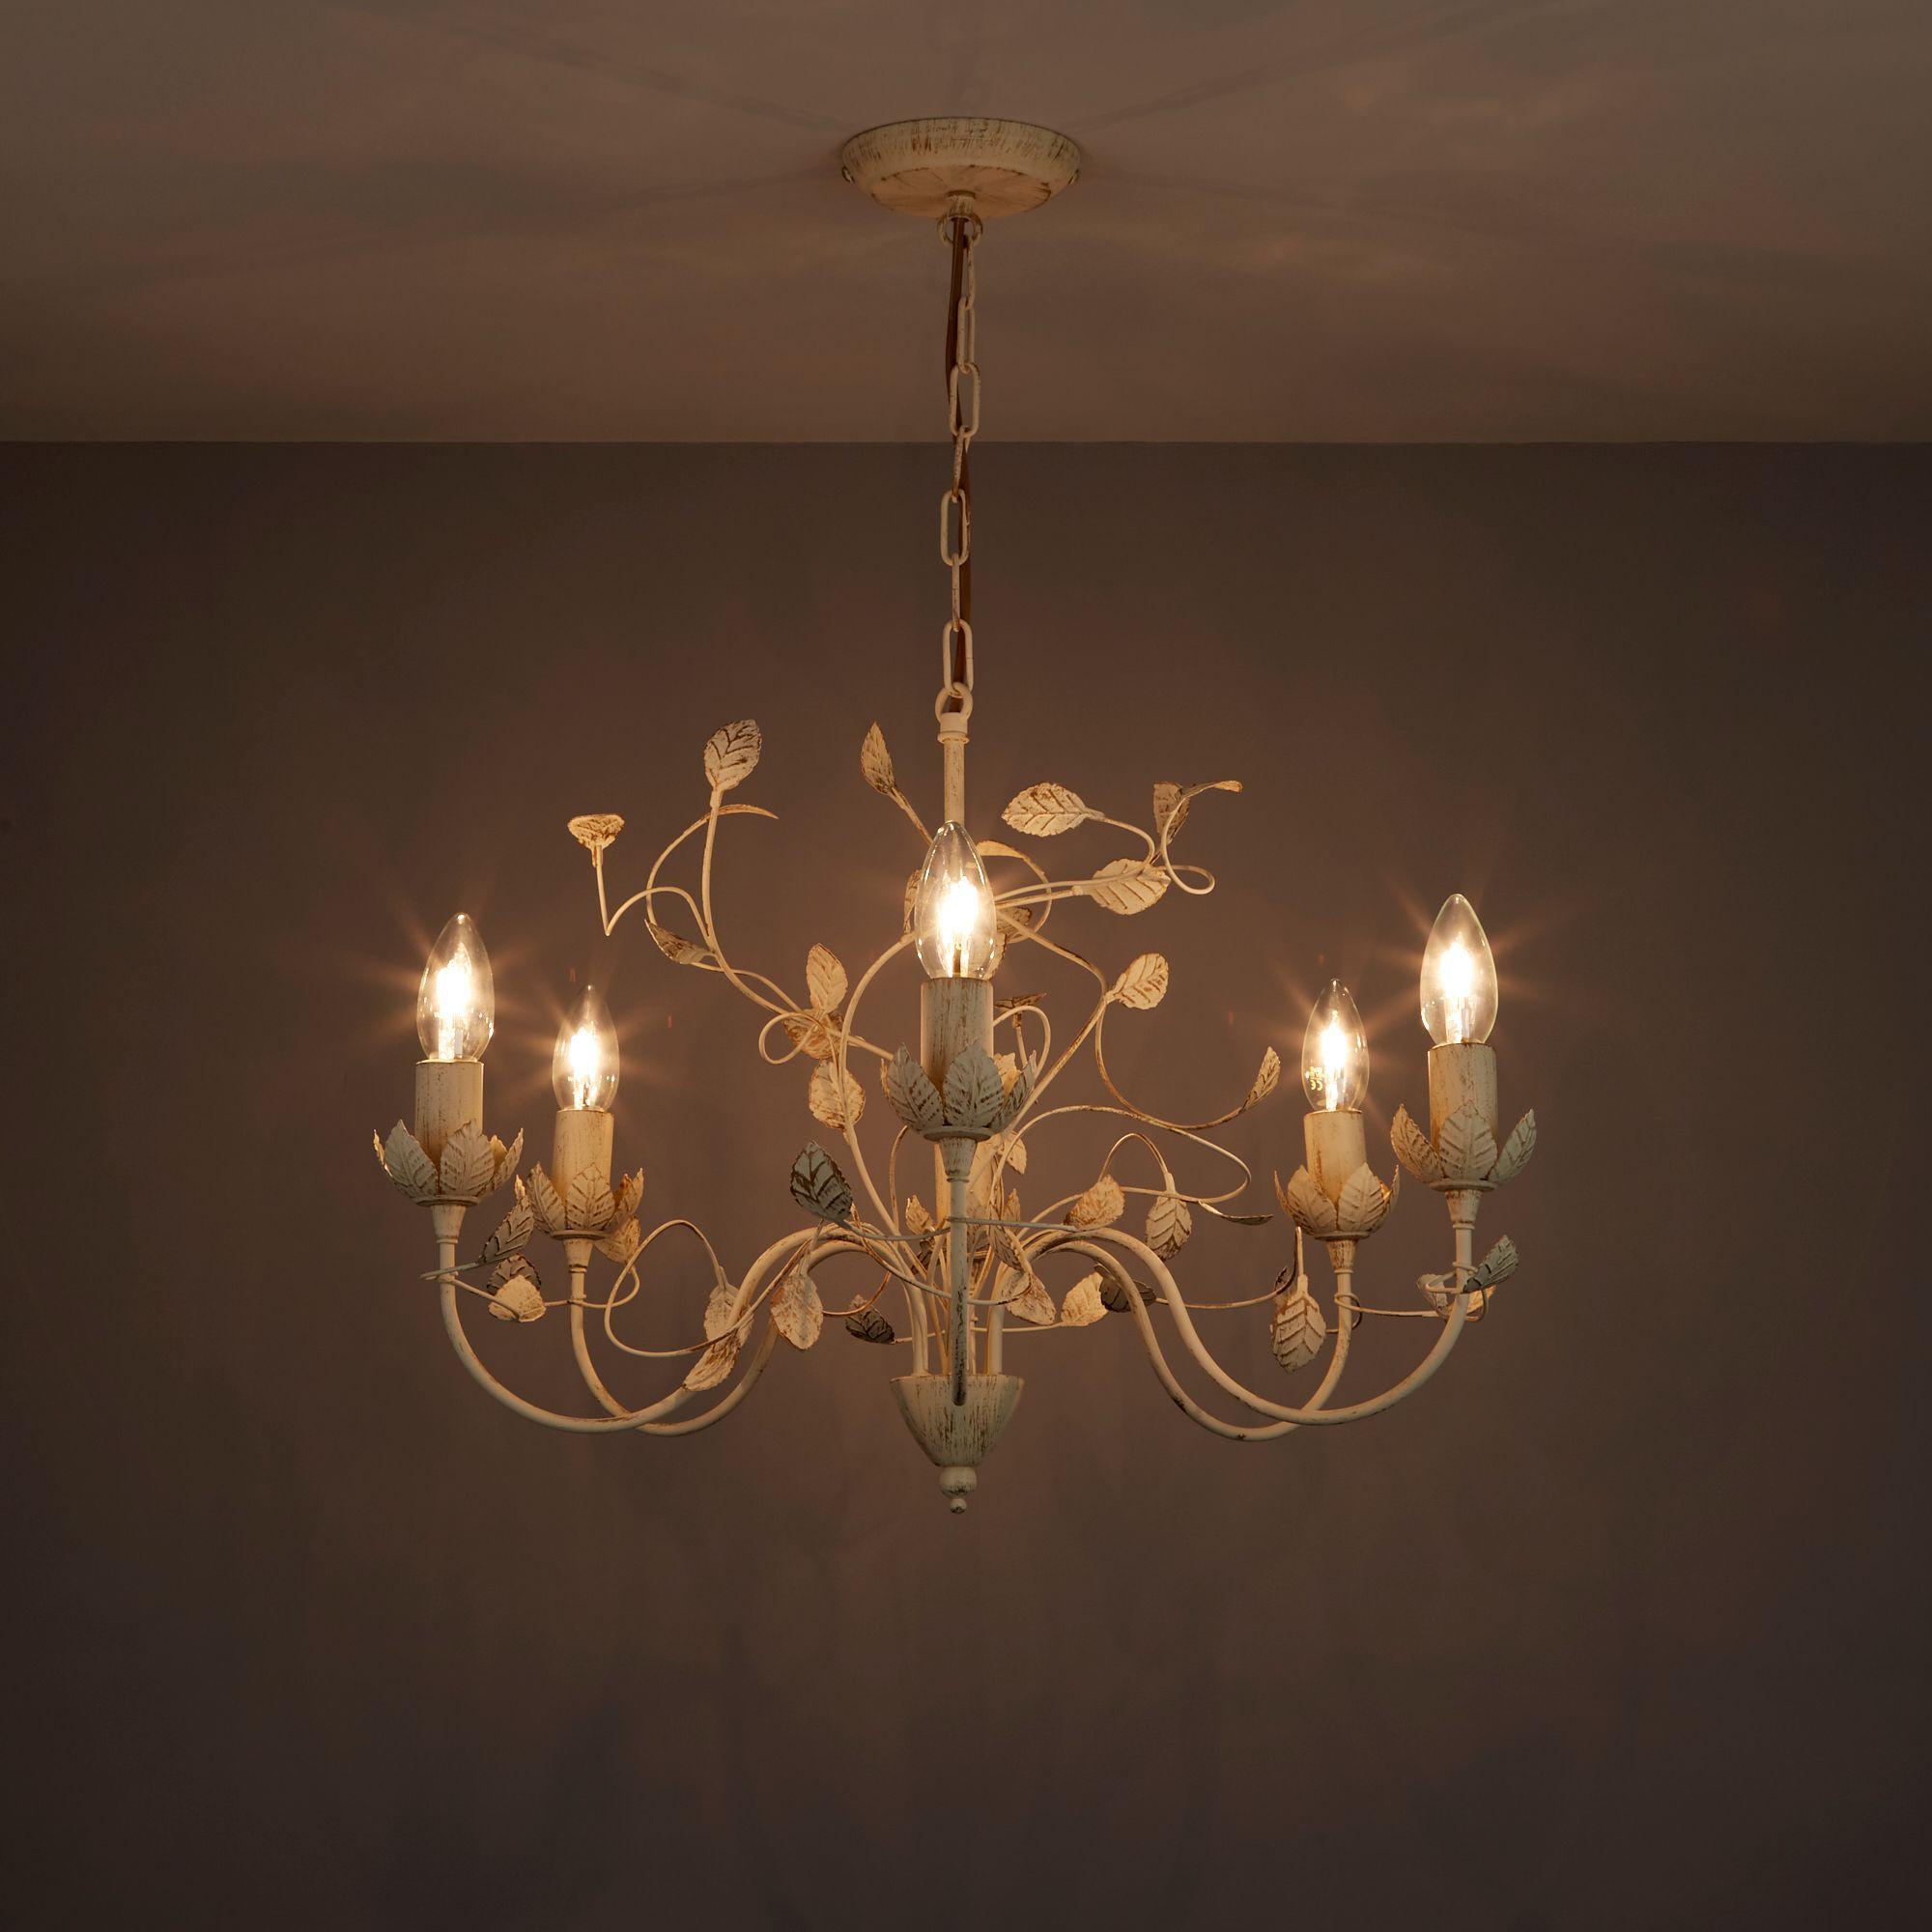 flush p lighting lights fitting ceiling light all lila bhs